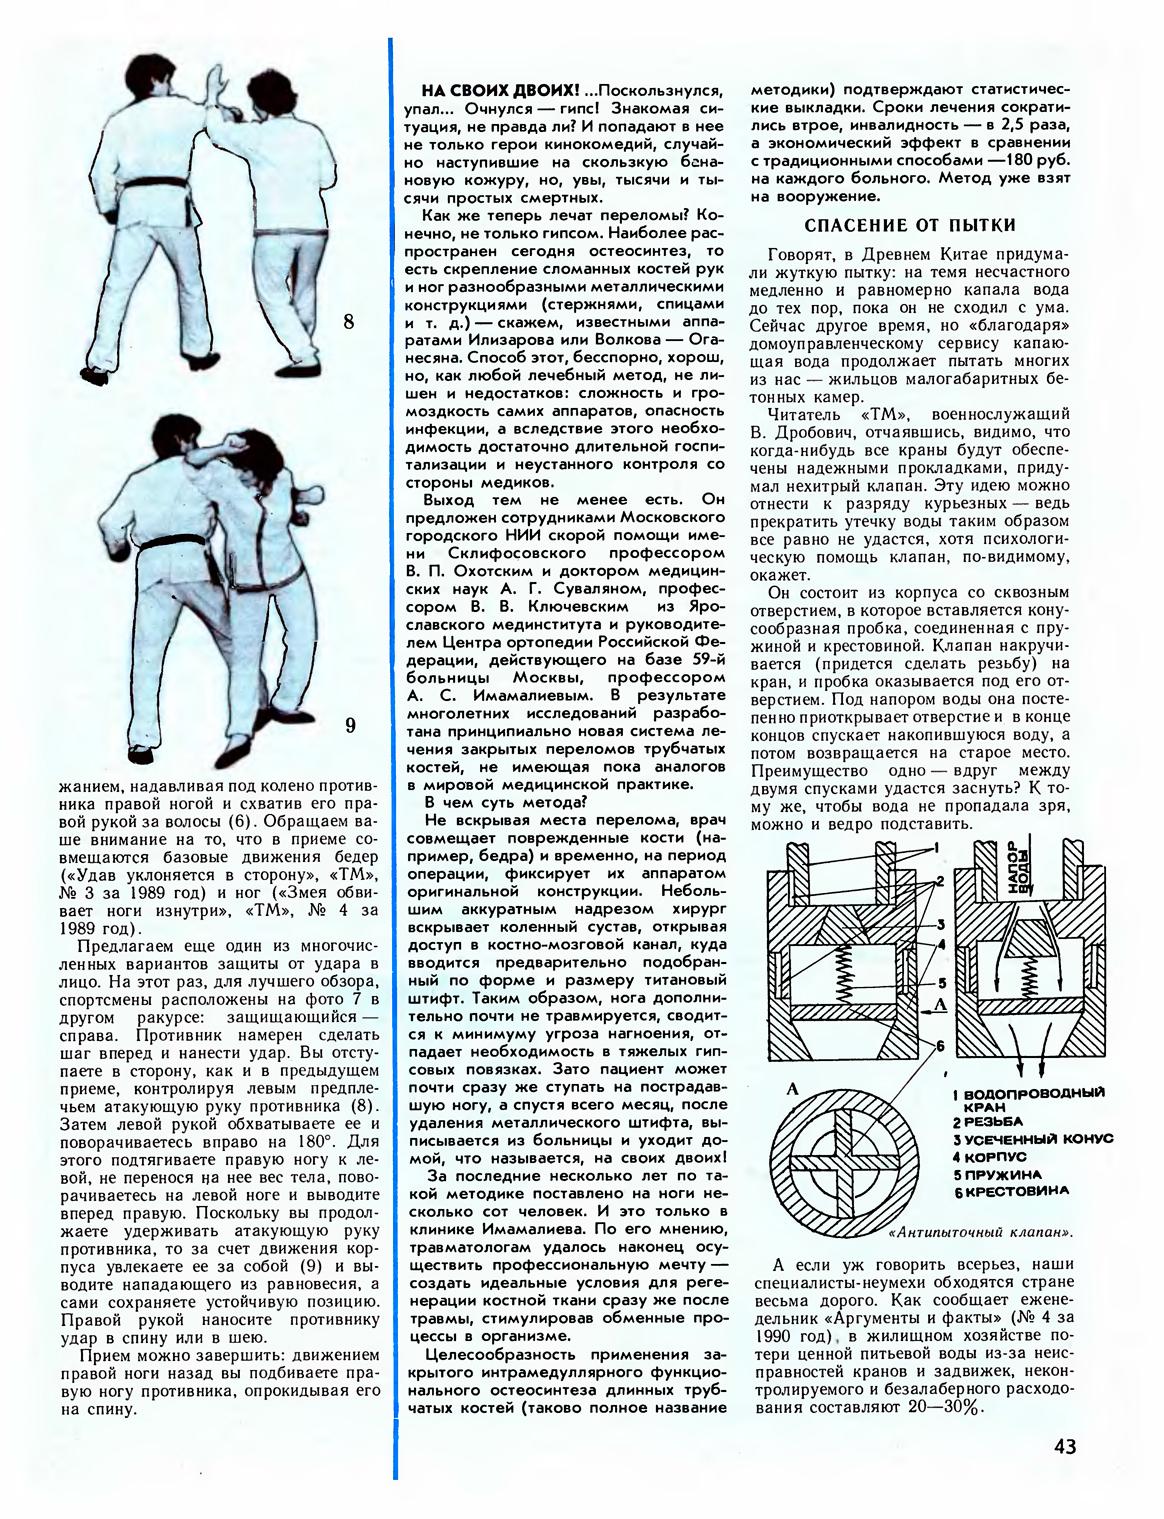 ччой13